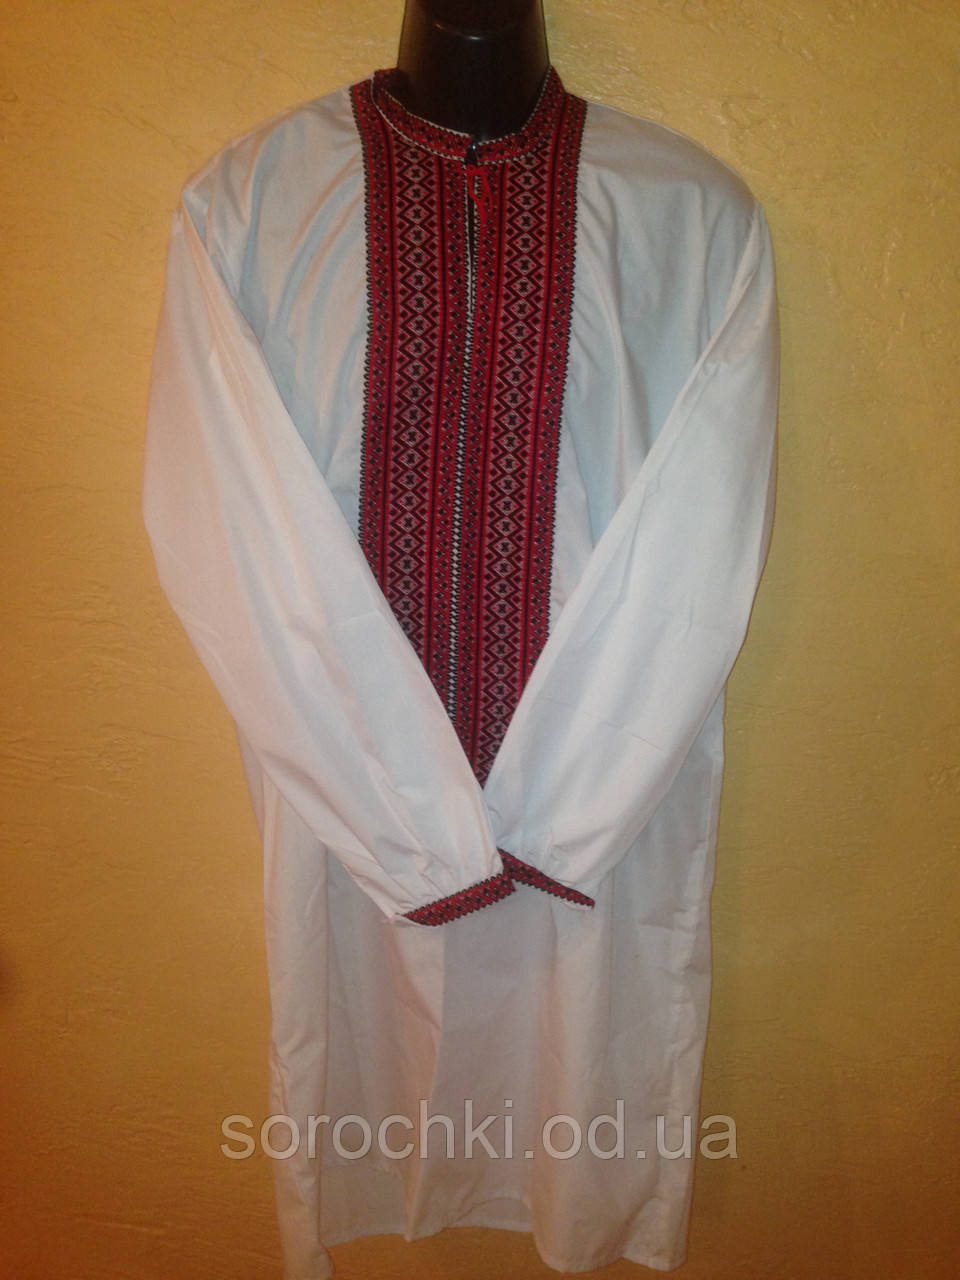 Вышиванка рубаха , мужская , поплин , вышивка красная купальная